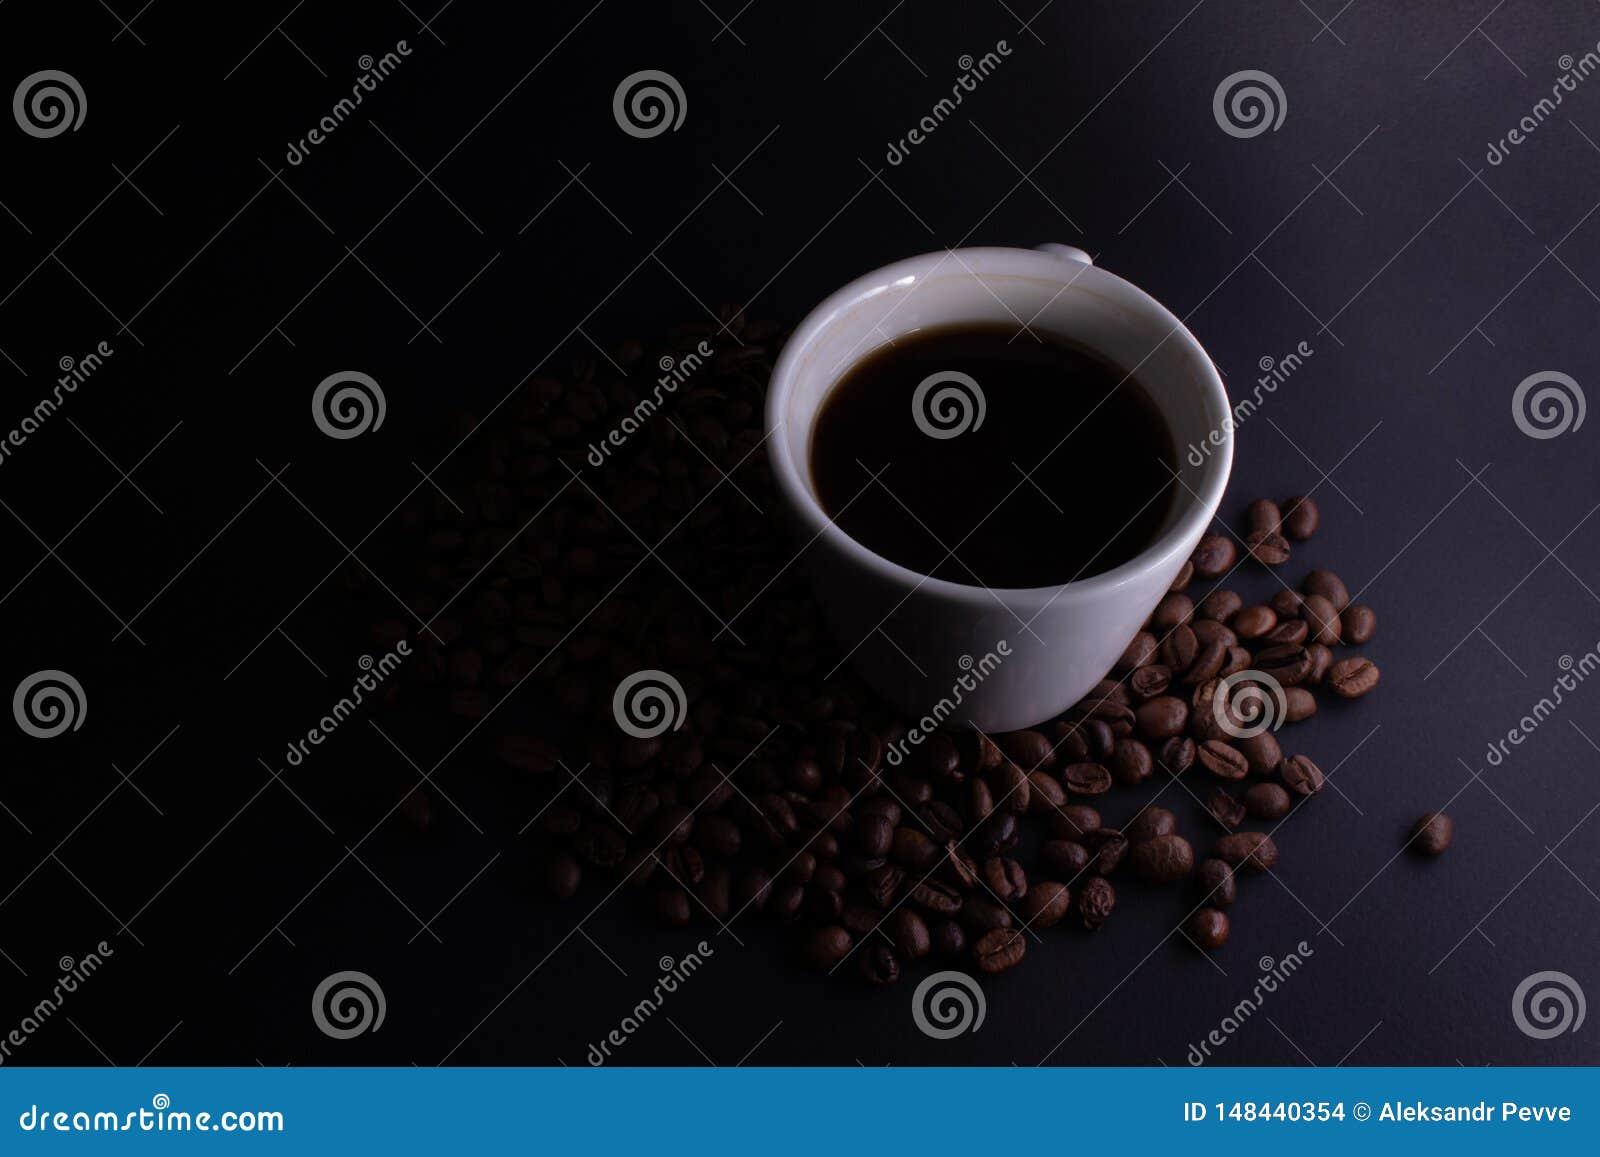 Iluminação do inclinação de um copo com café forte preto em um fundo escuro com os feijões de café espalhados